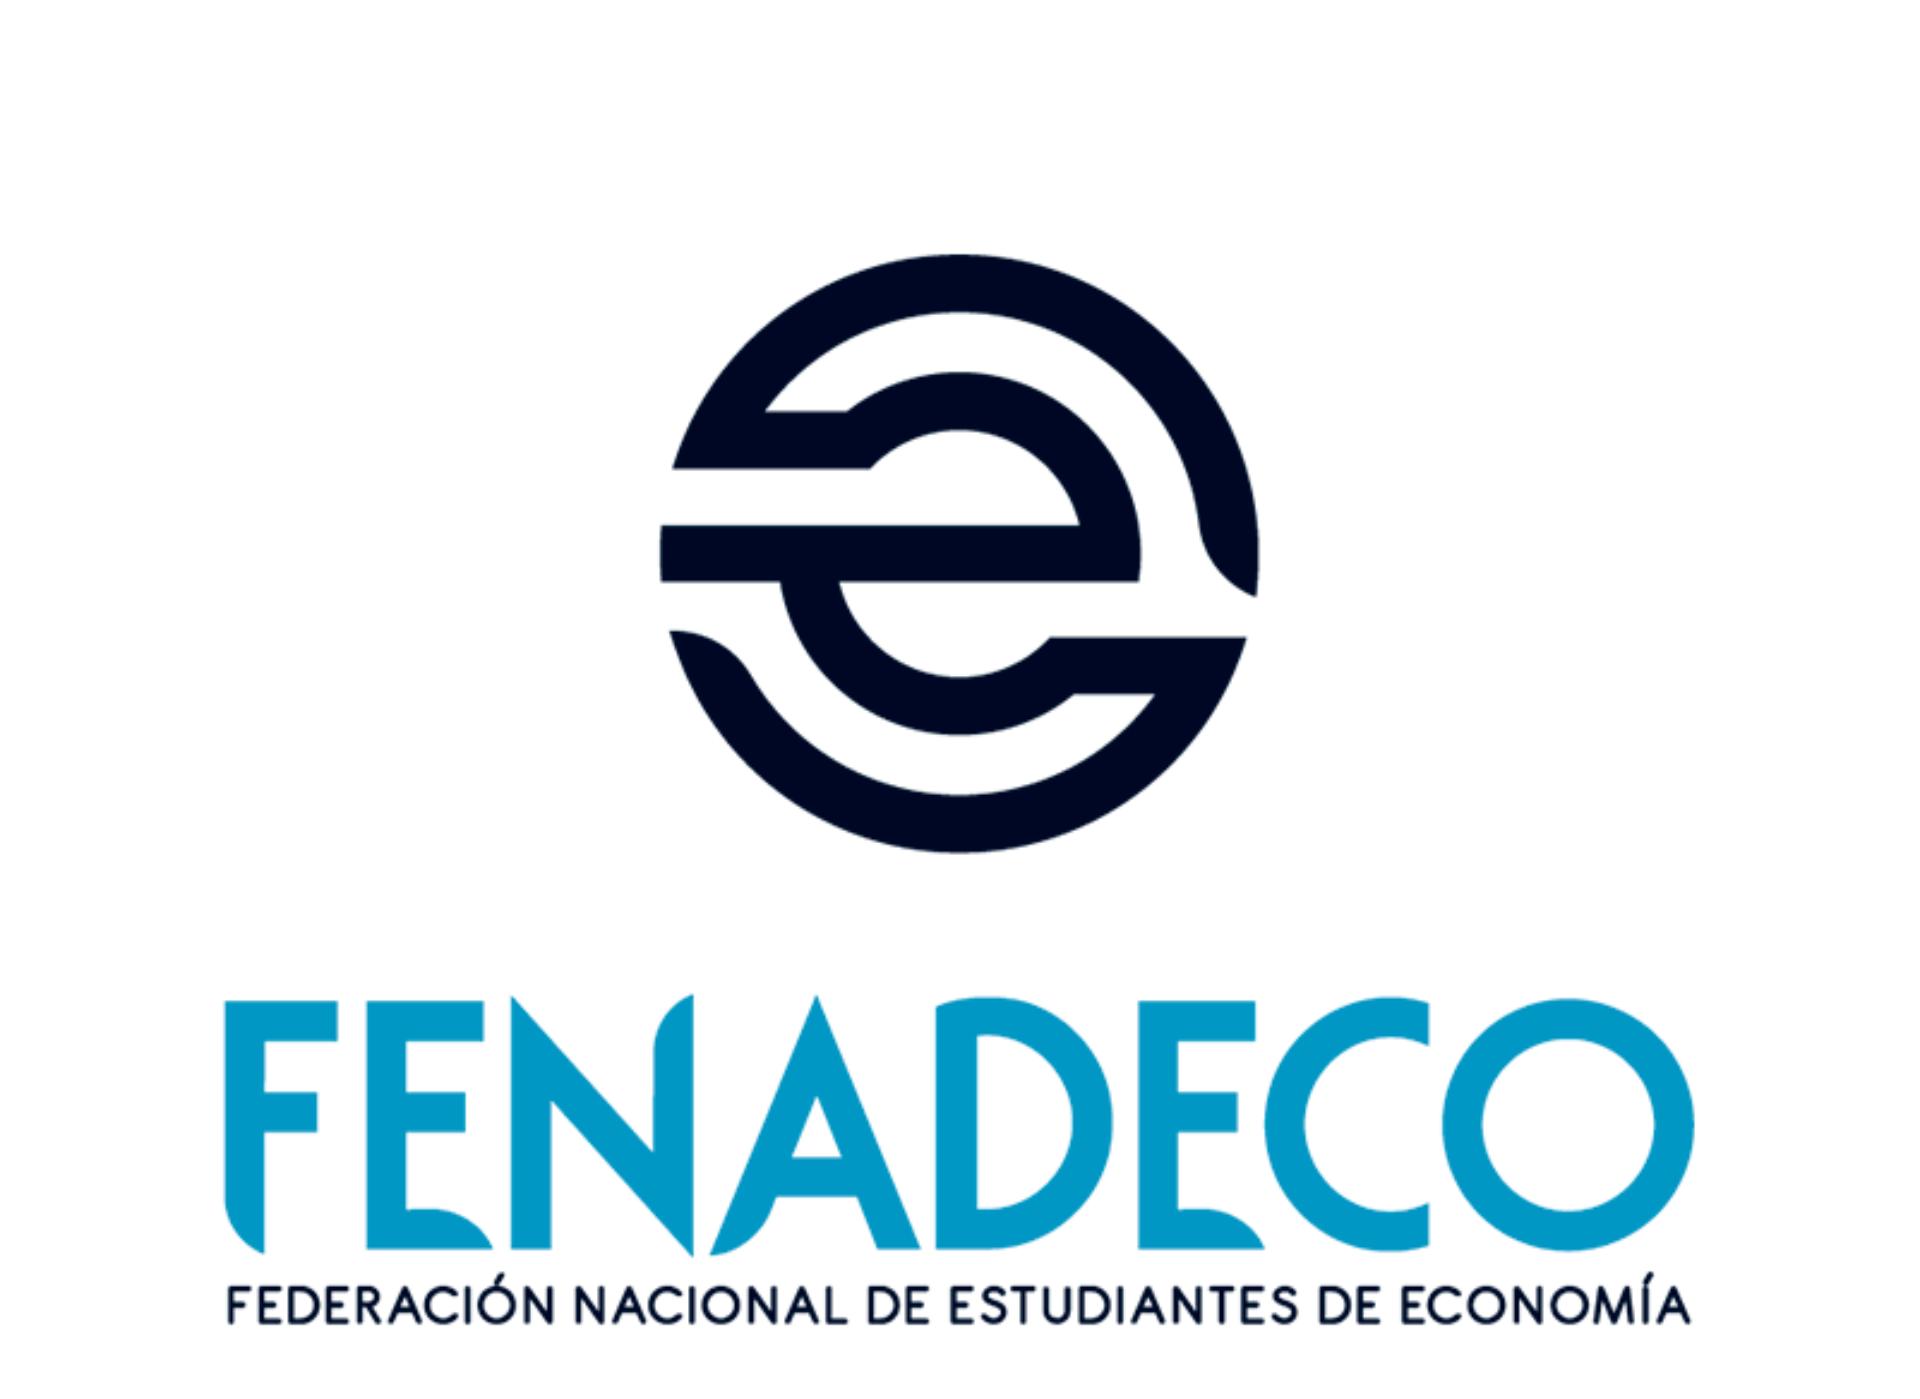 FENADECO